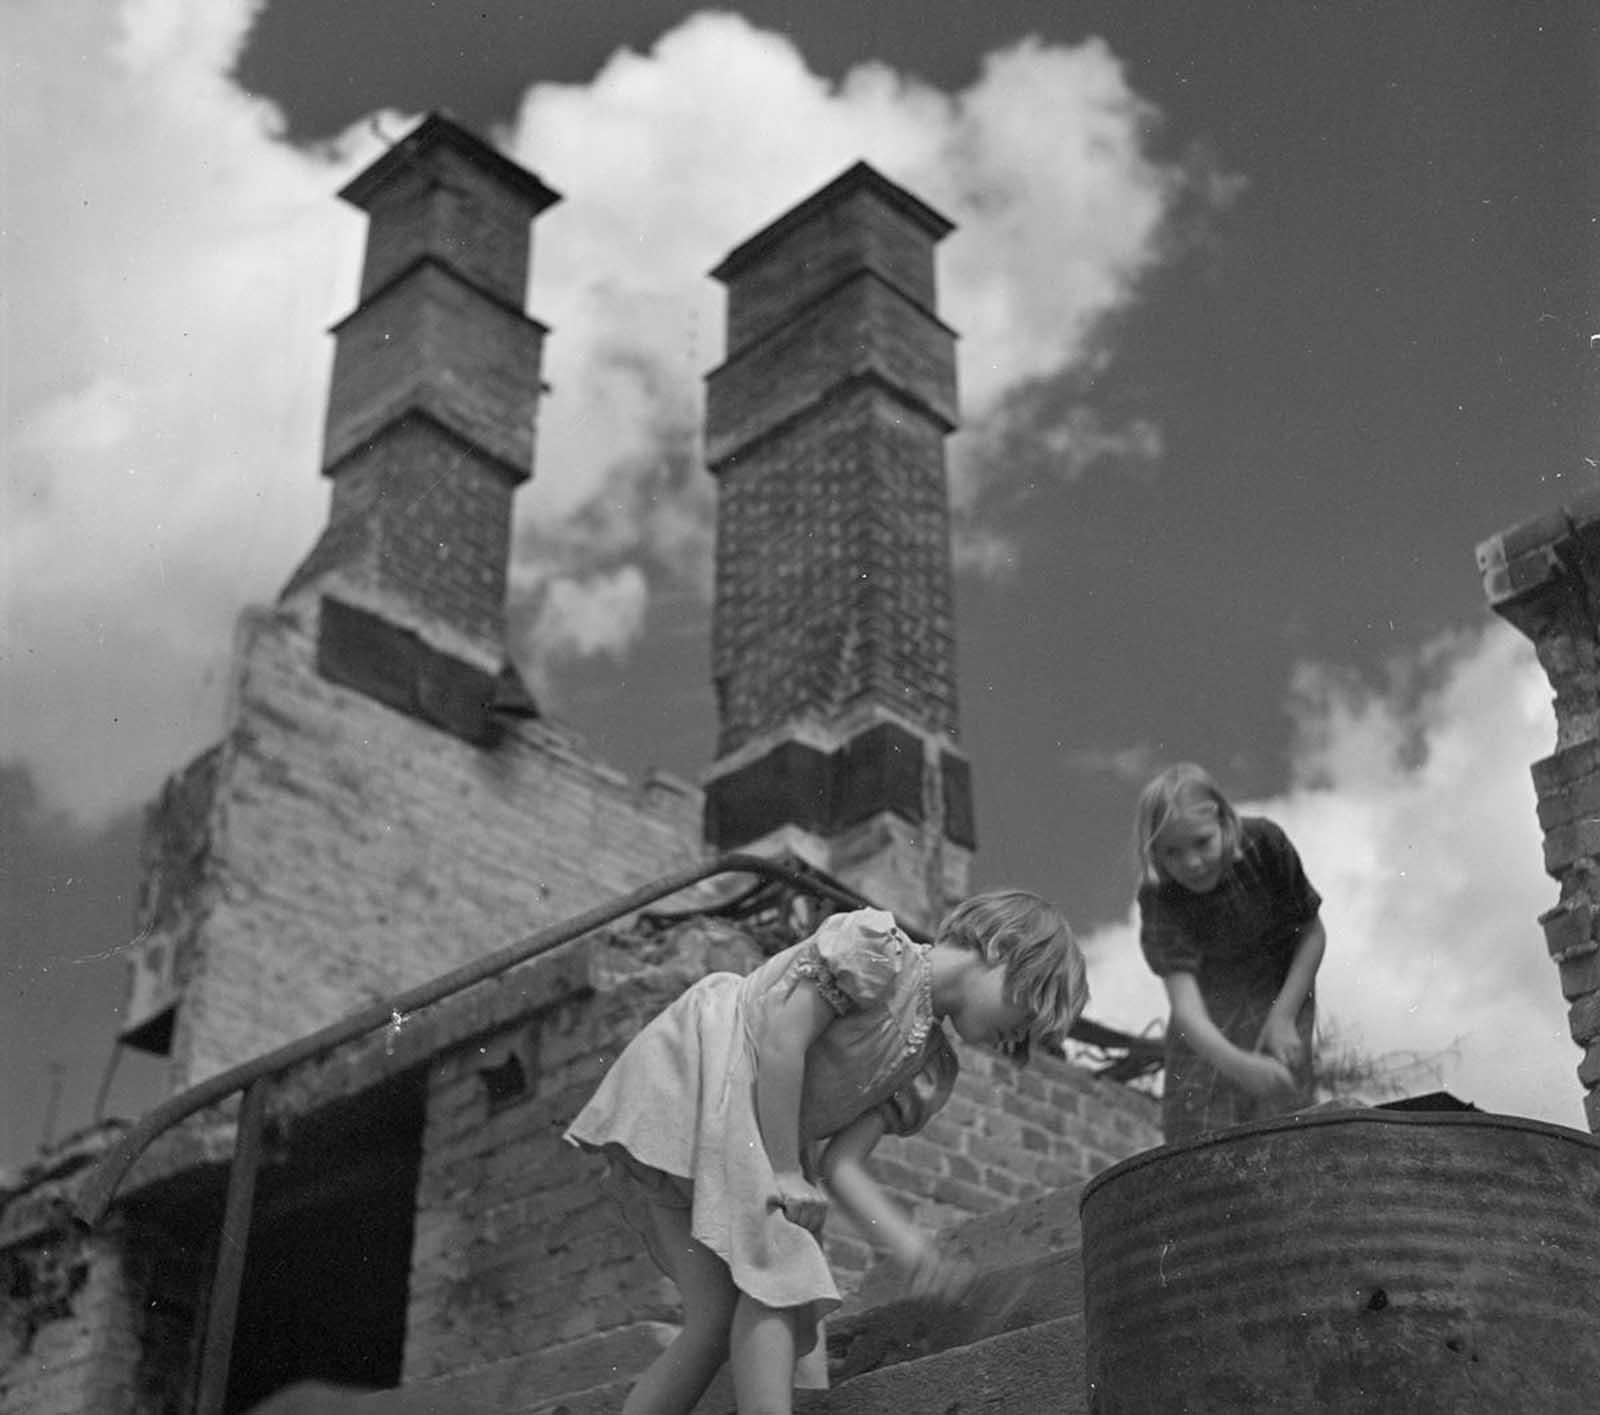 Two girls, in ruins near Martin's Church in Turku, Finland.